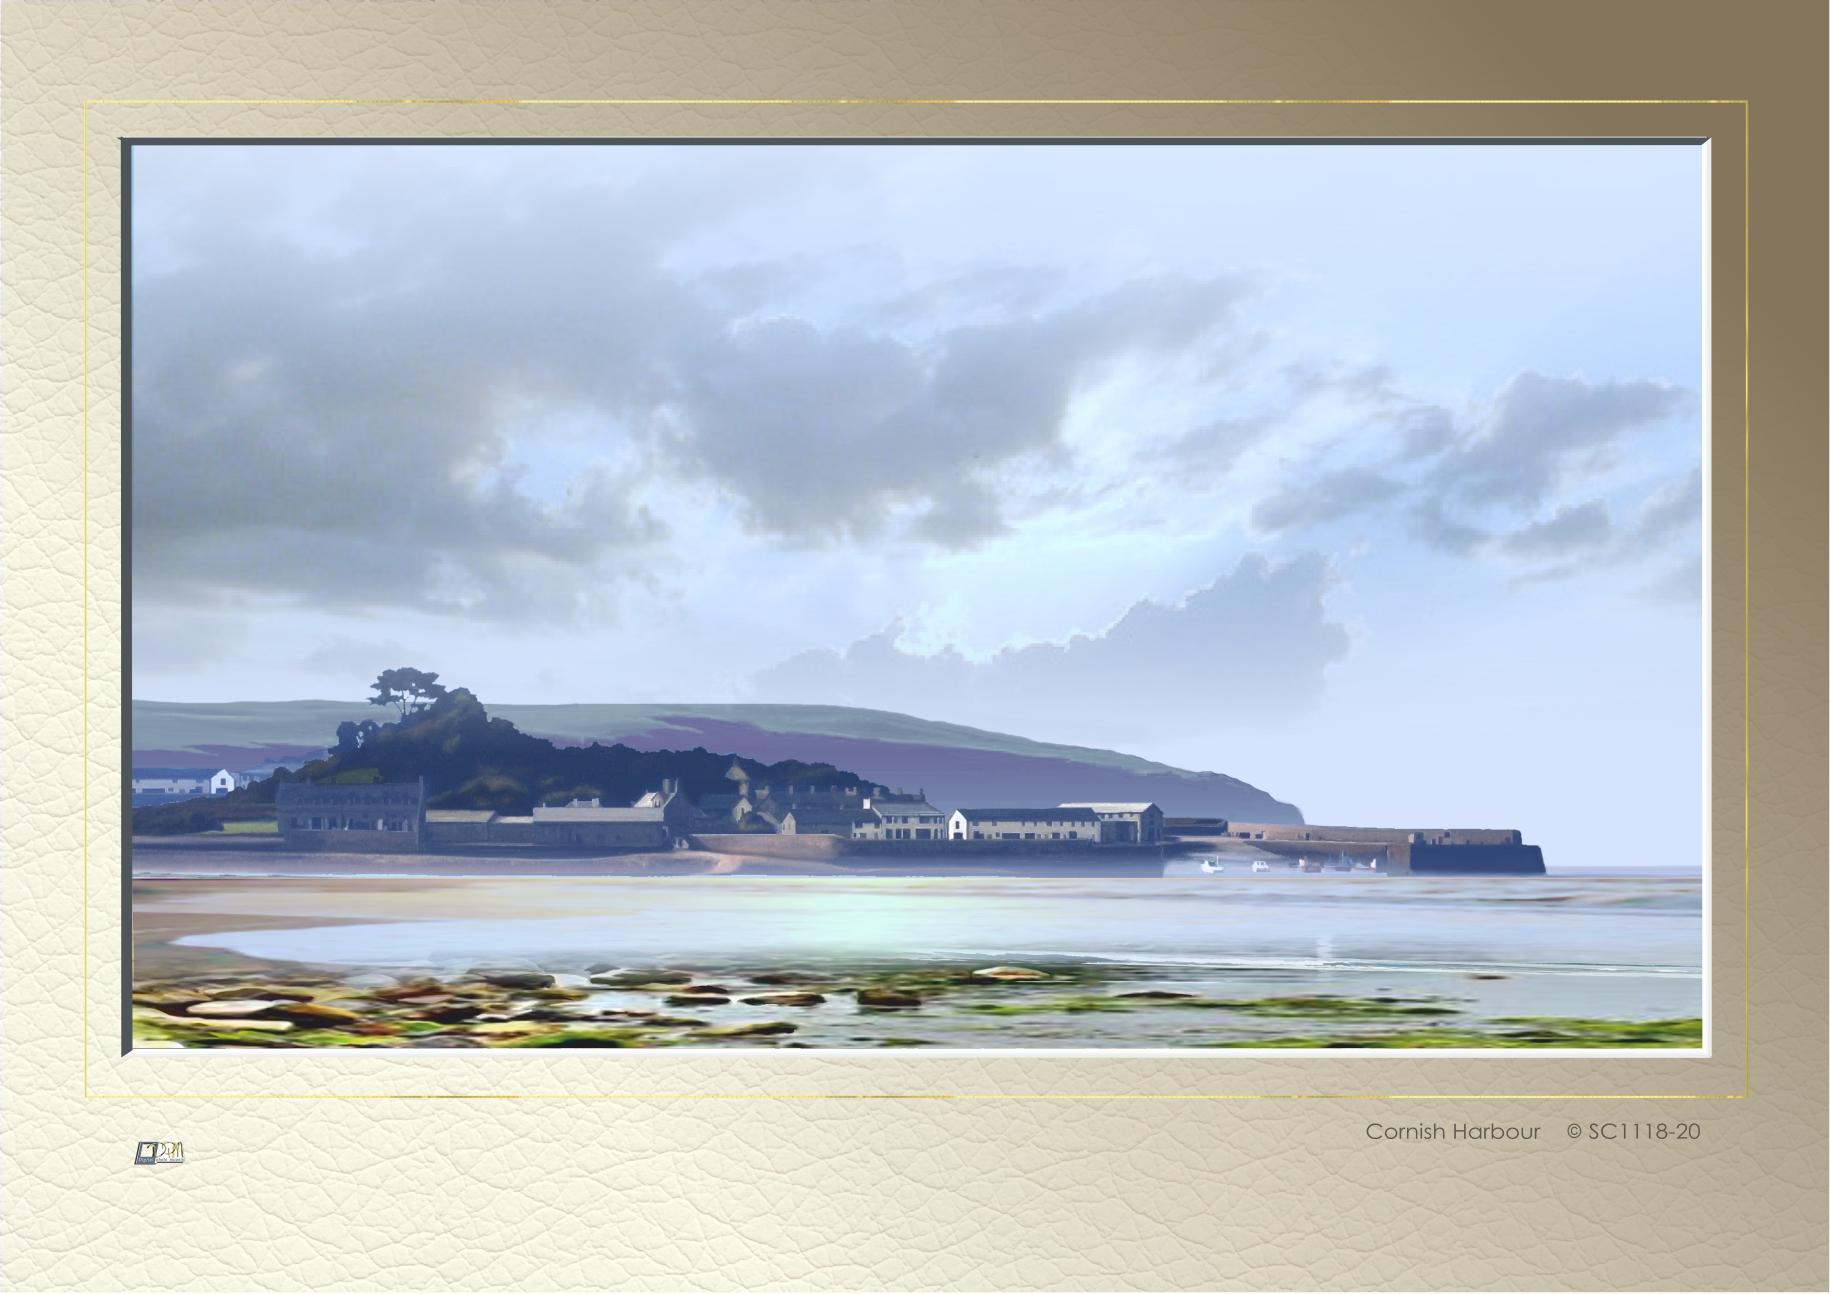 Cornish Harbour code: SC1118-20